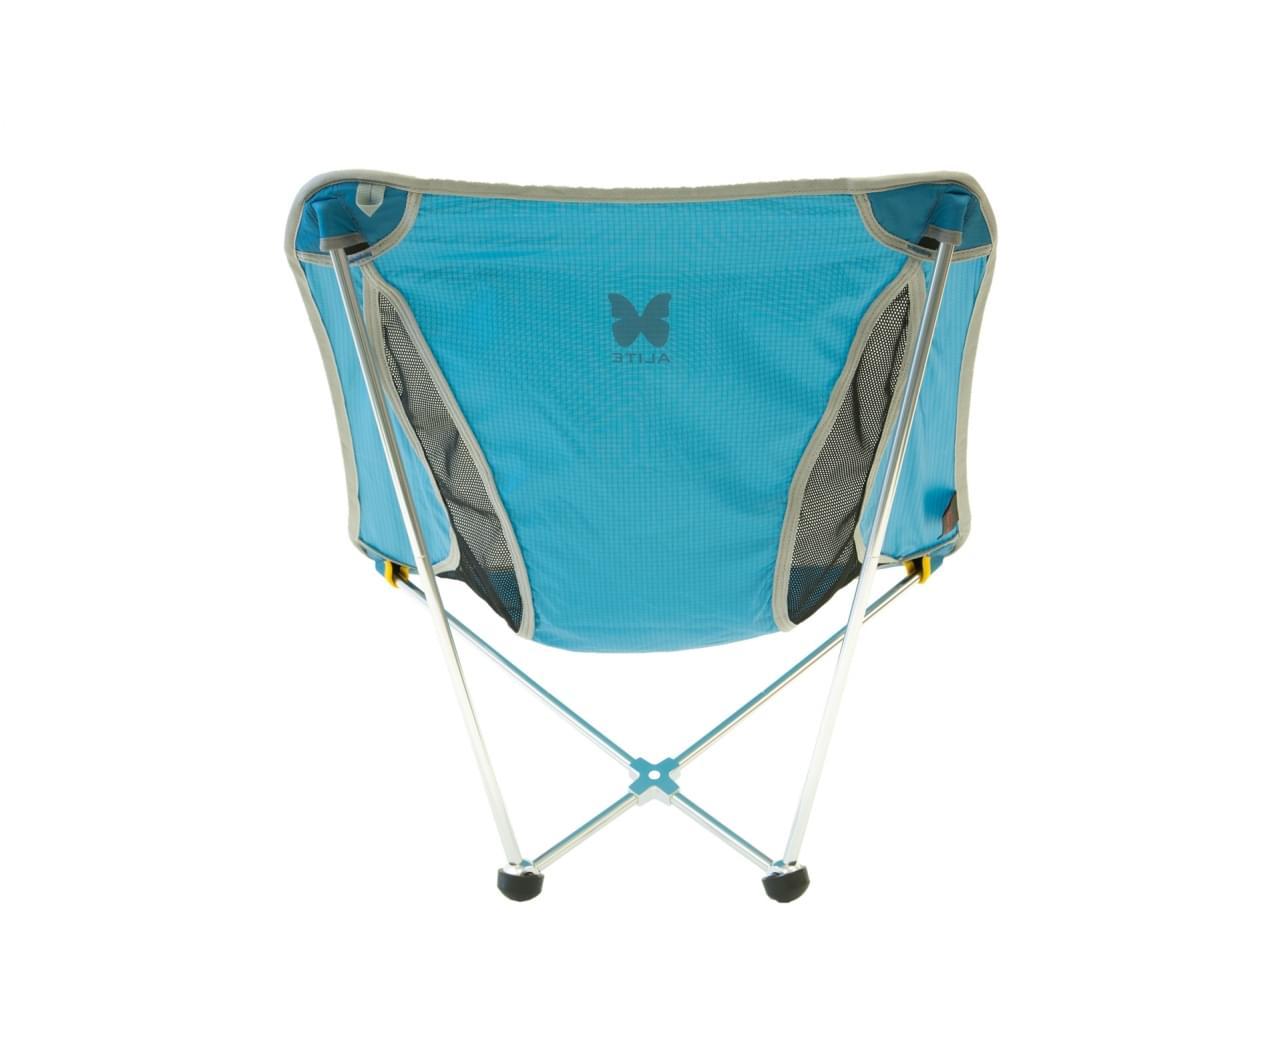 alite monarch chair cover rentals baltimore md lichtgewicht stoel